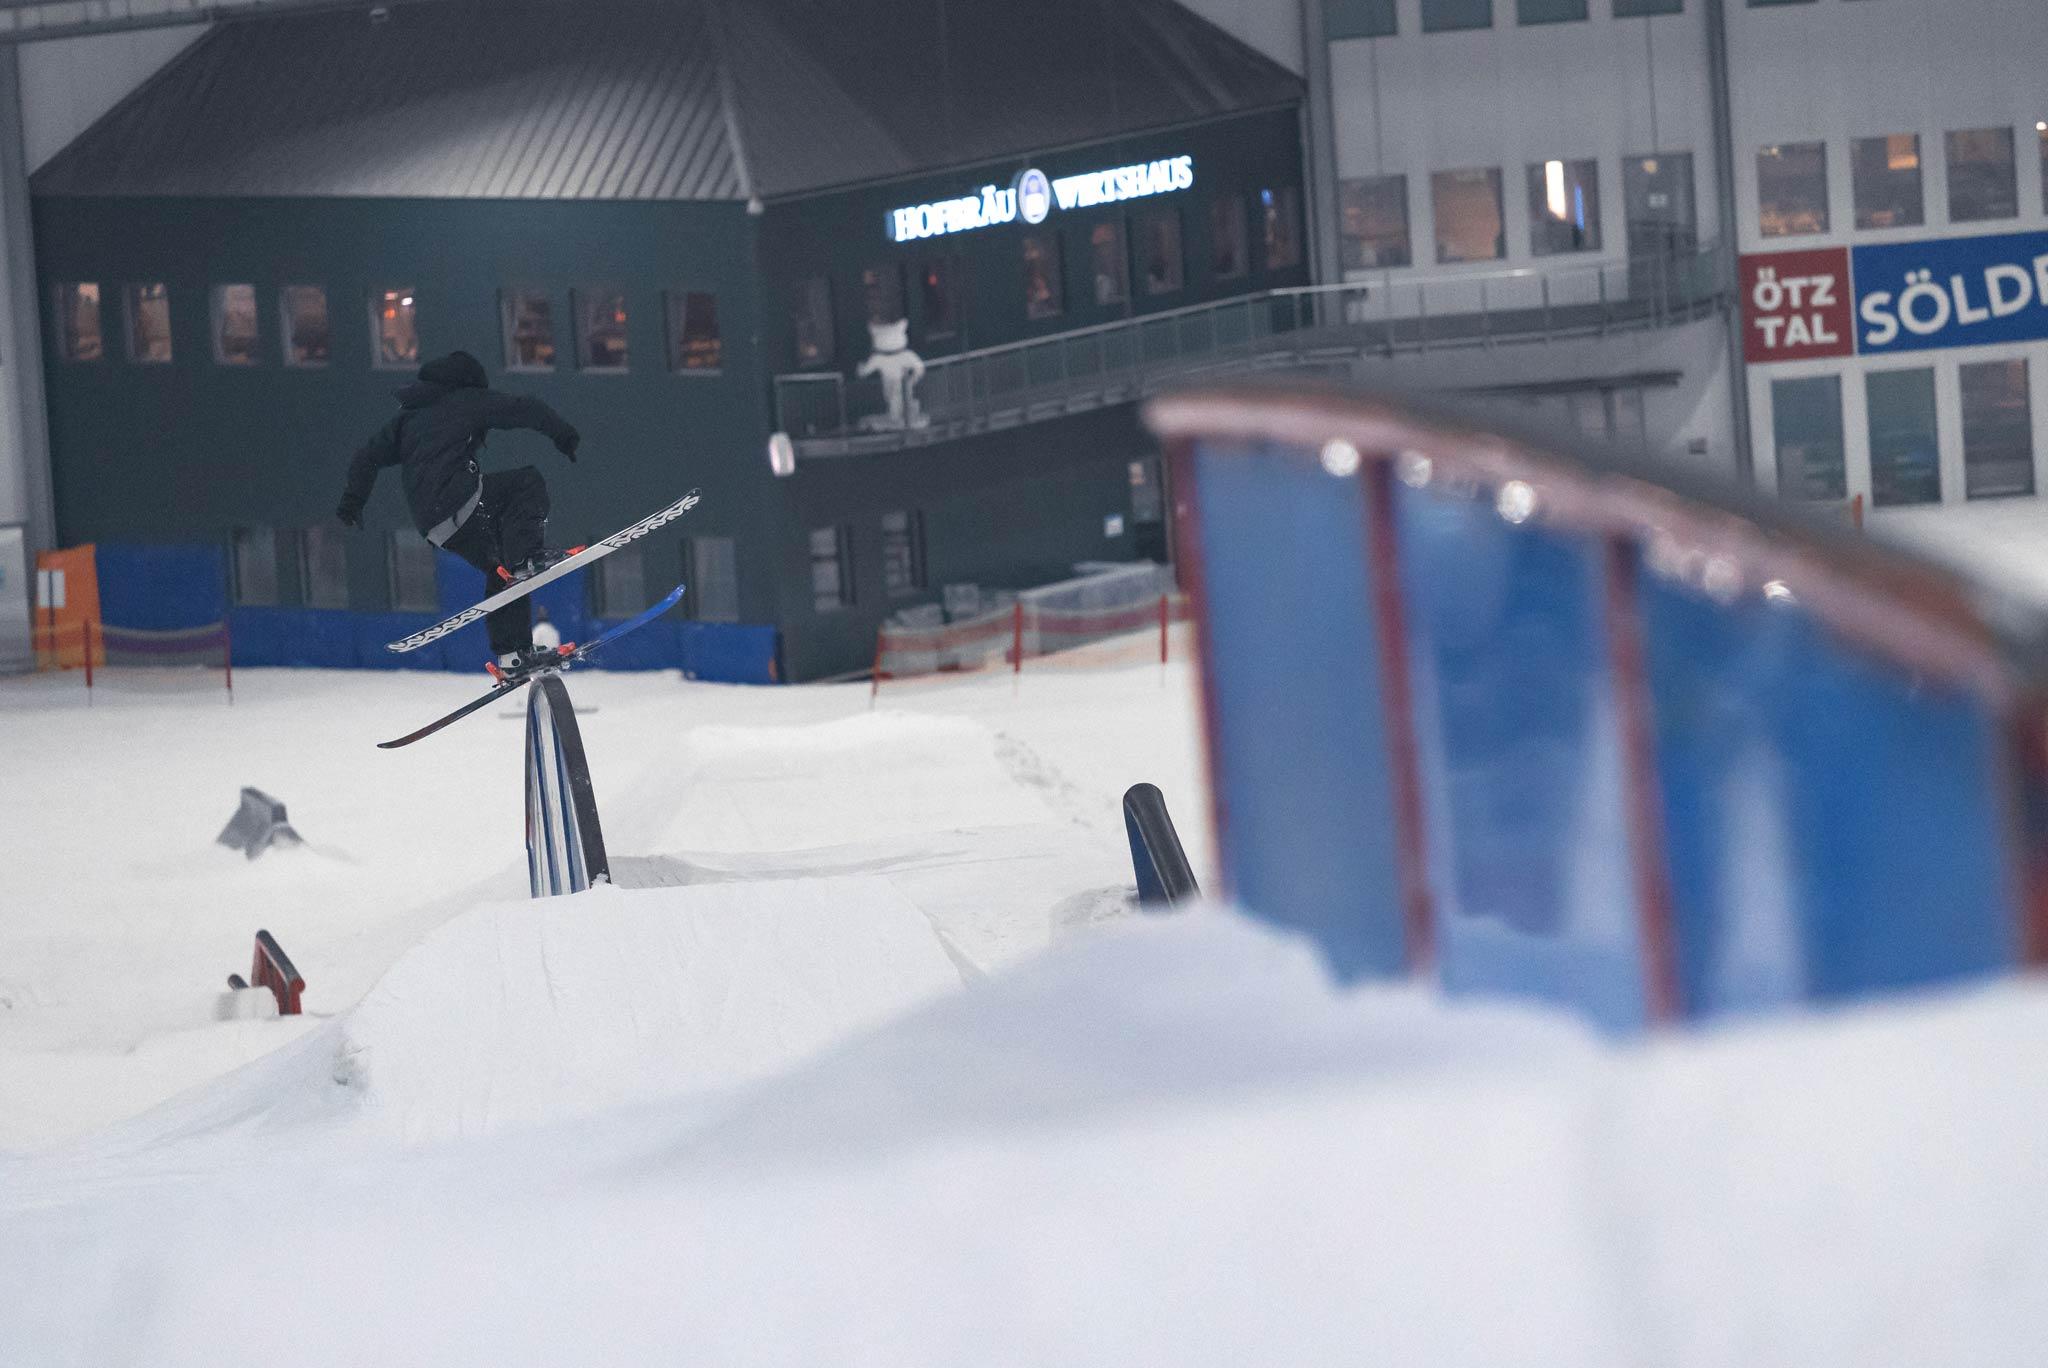 Torge Nagel, Park Manager des Snowpark Bispingen, kümmerte sich nicht nur um den Park, die Pflege, Events und viele weitere organisatorische Aufgaben. Der K2 Fahrer stellte seine Tricks auch regelmäßig vor der Kamera zur Schau - Frontslide am Rainbow Rail